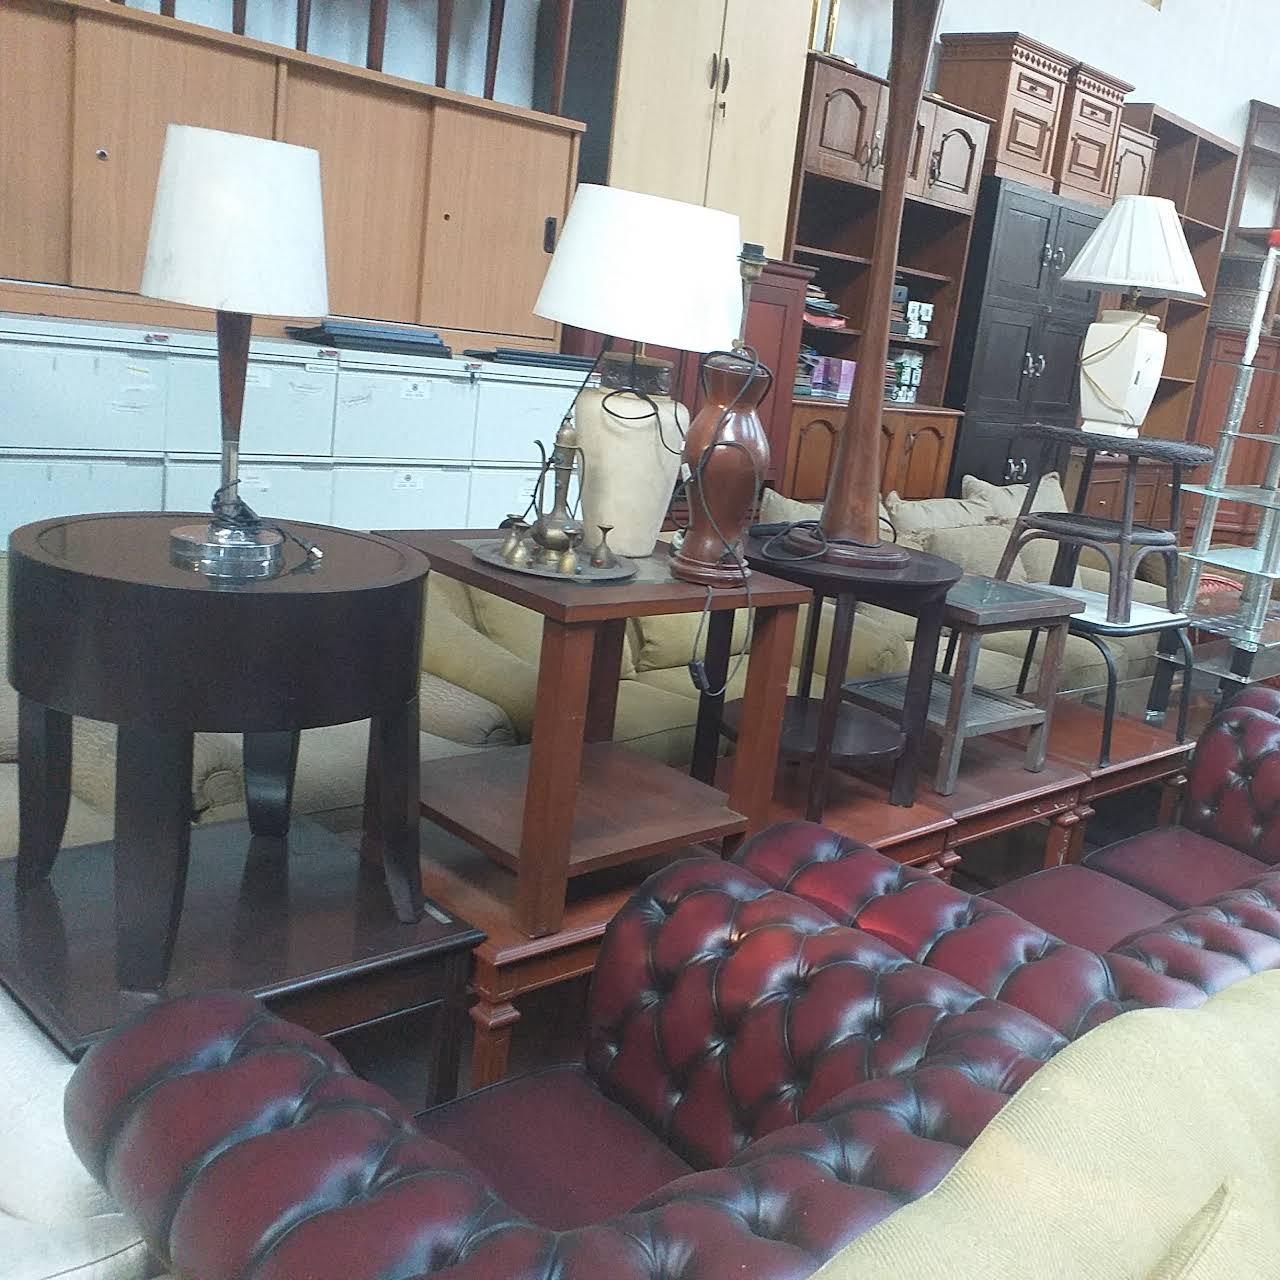 Bintang Furniture 1 Toko Perlengkapan Rumah